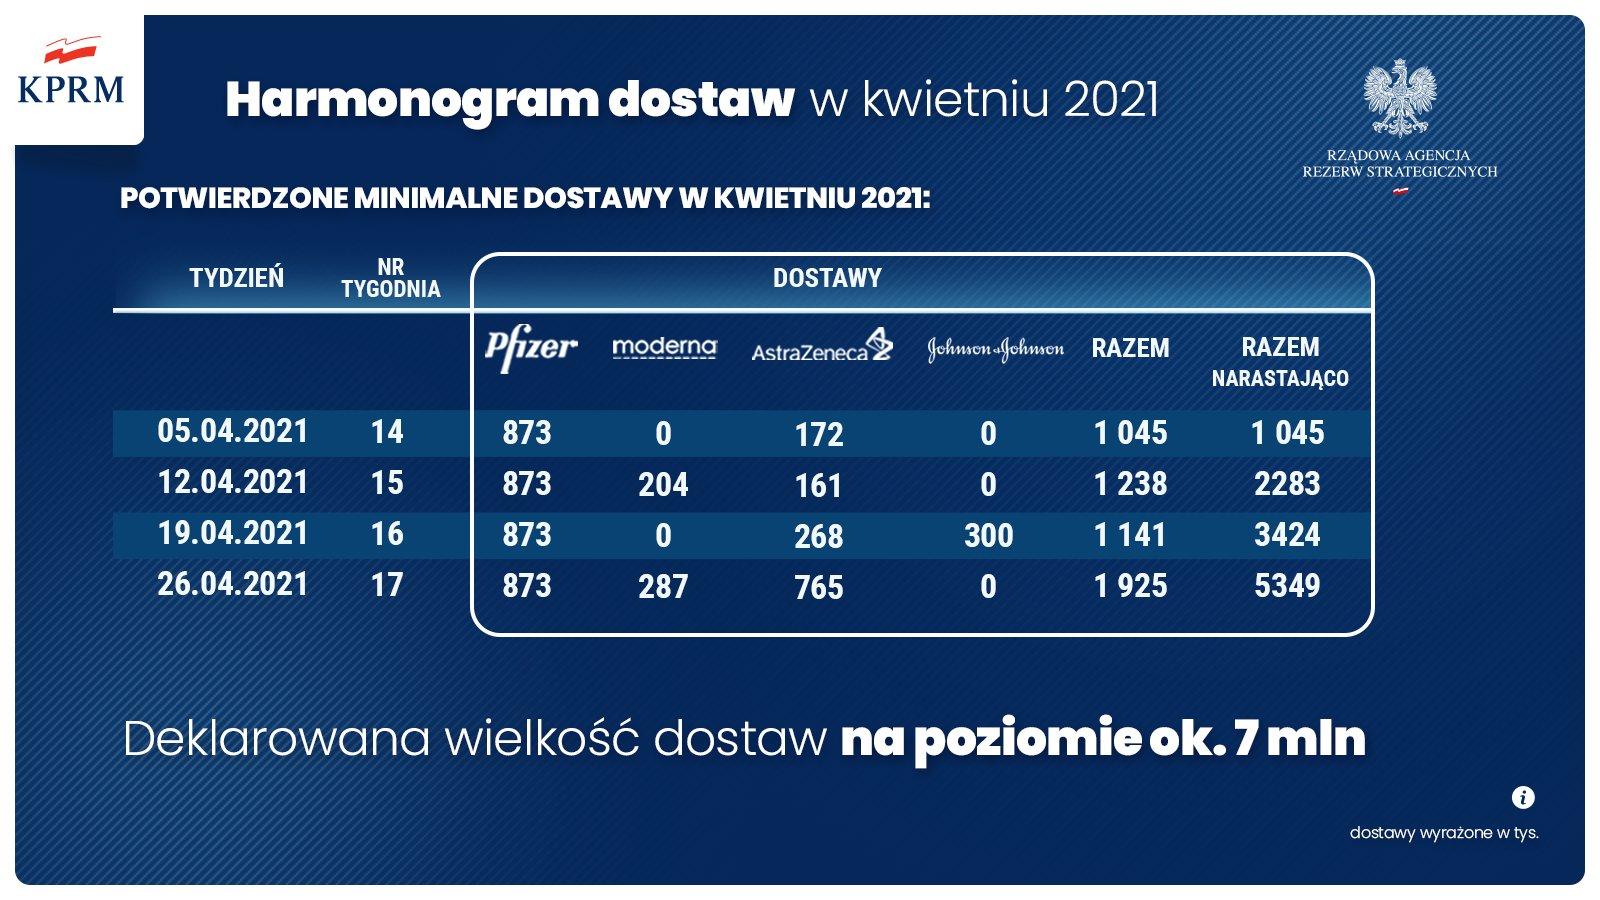 Harmonogram dostaw w kwietniu 2021